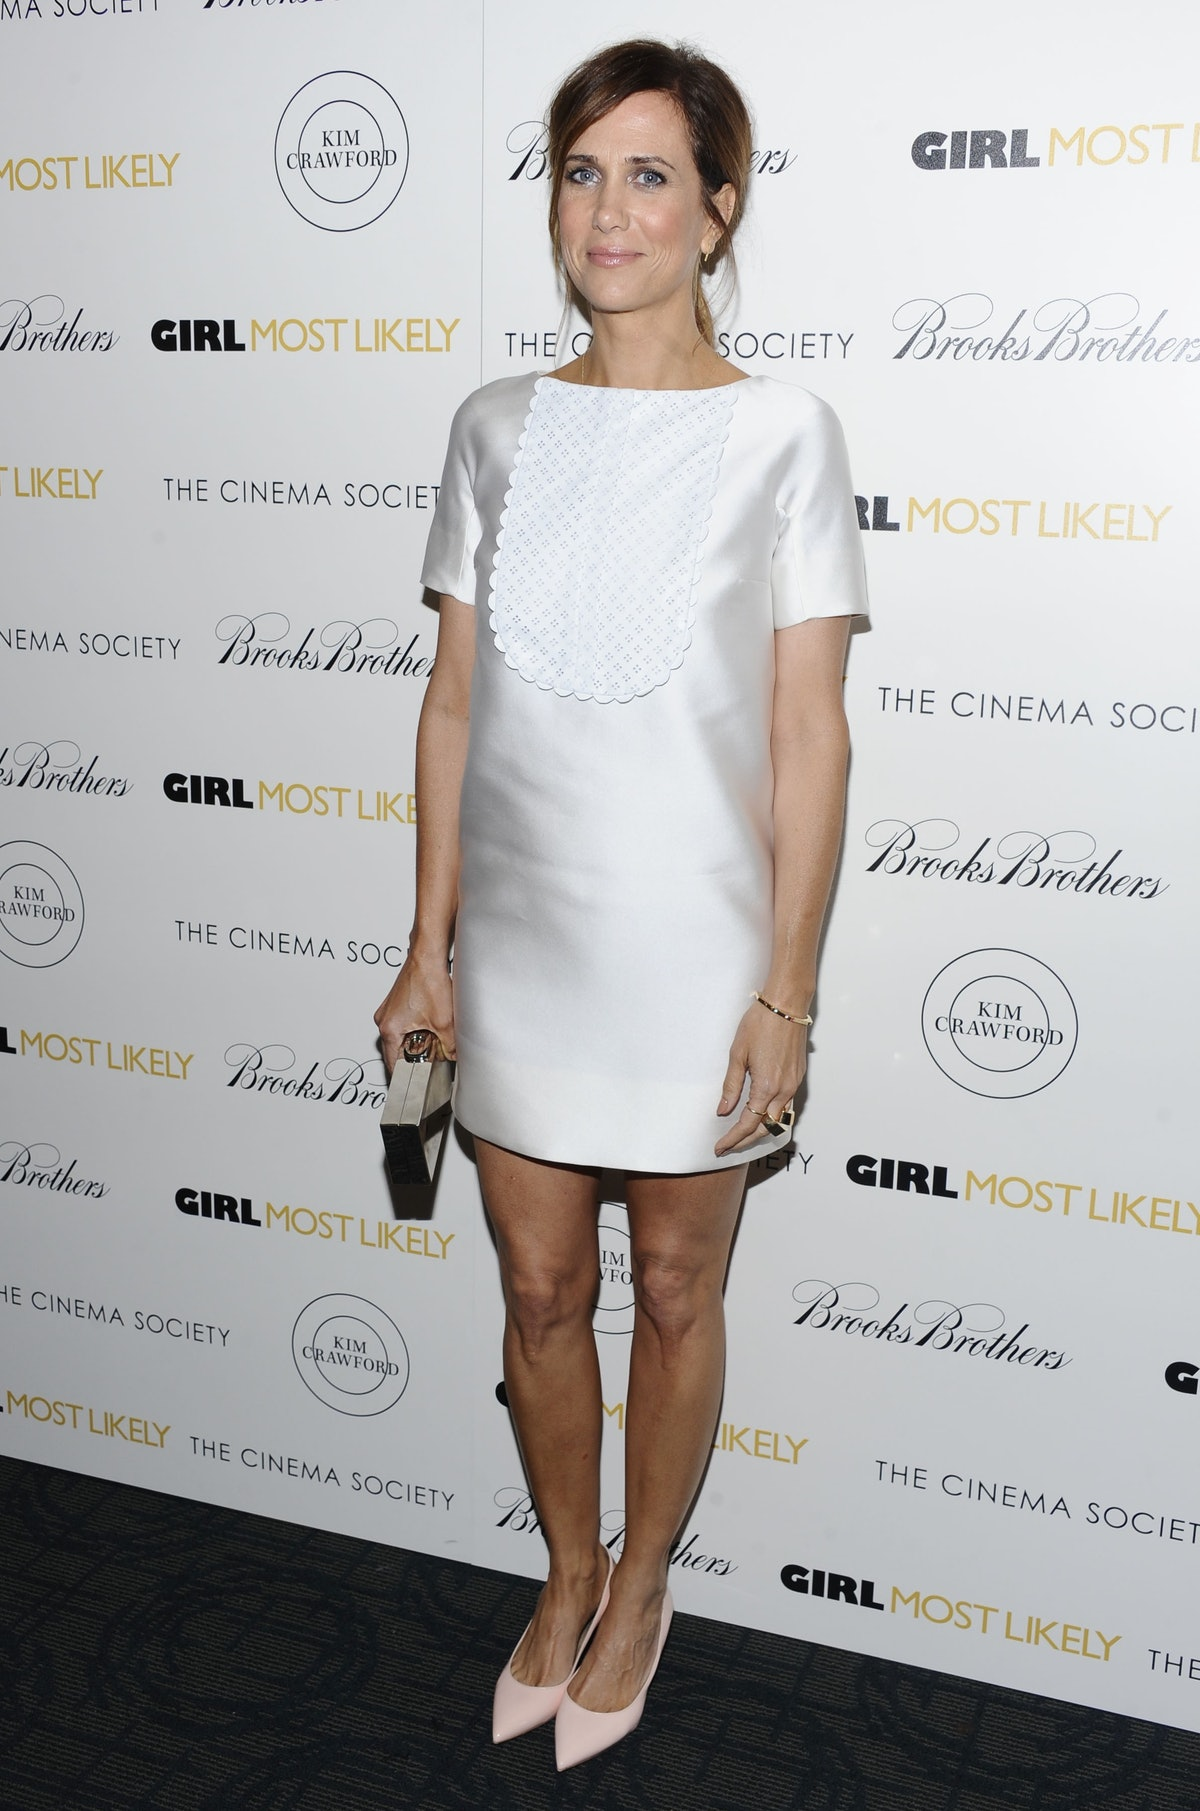 Kristen Wiig: Best Dressed in White